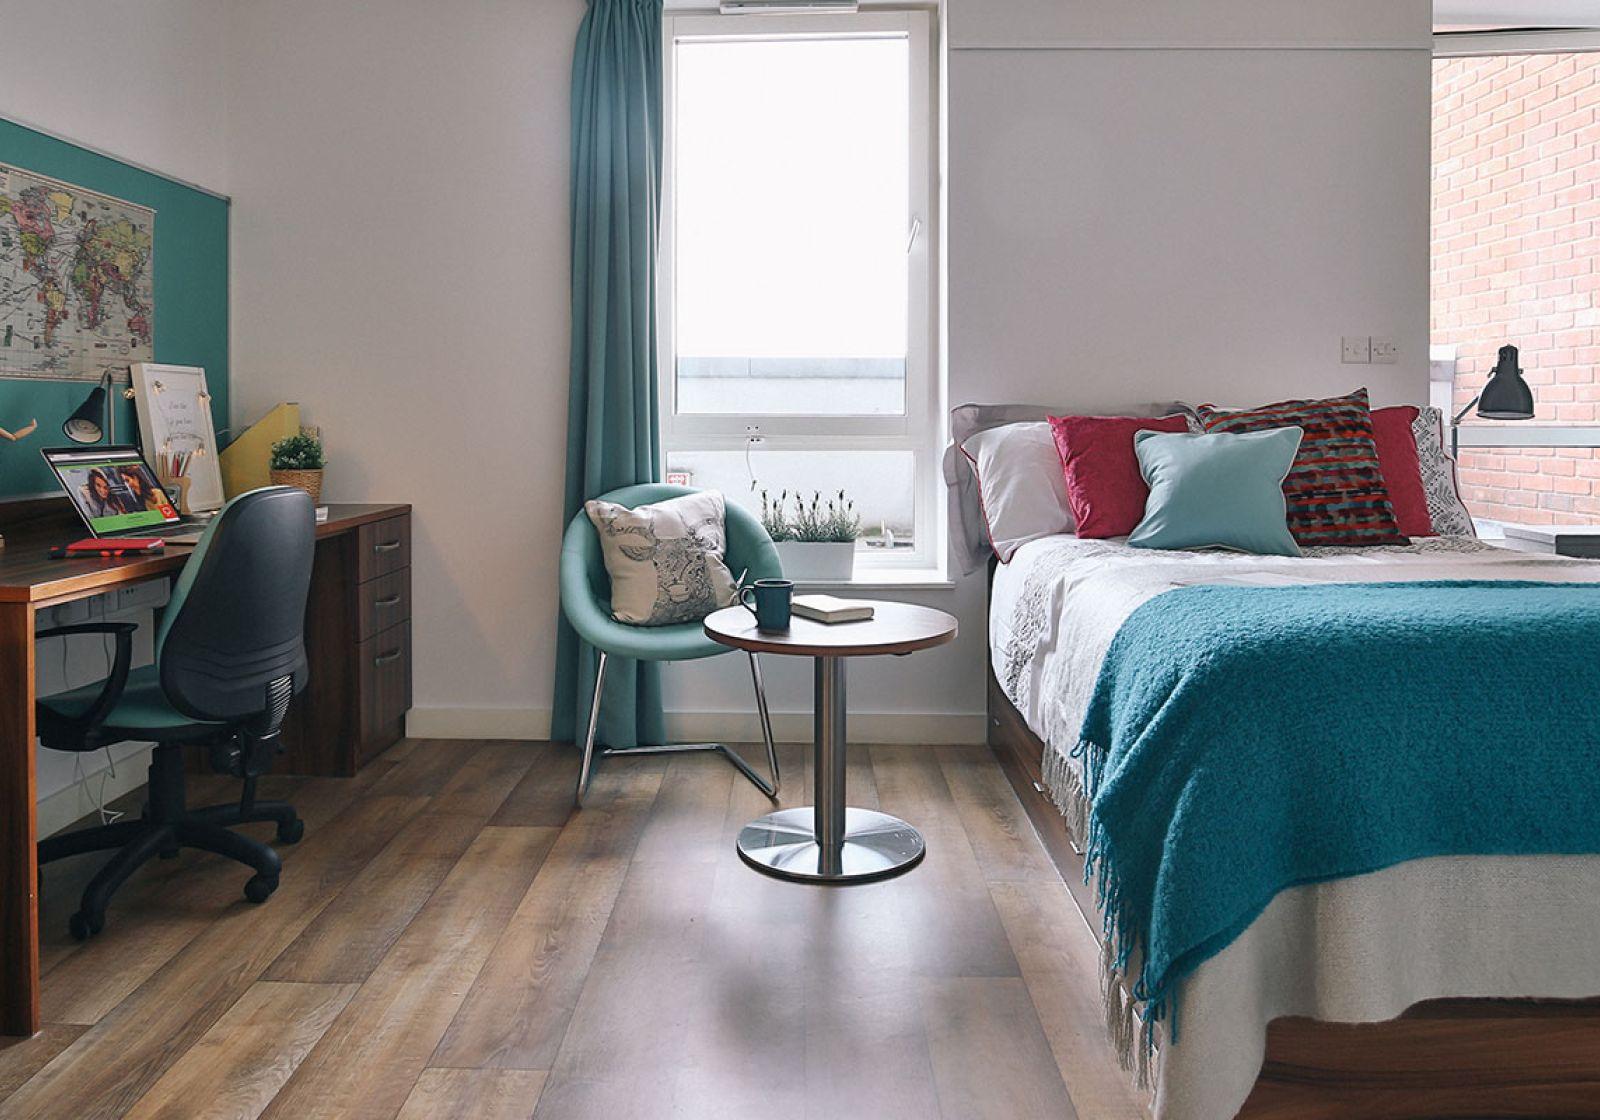 Platinum penthouse shoreditch london iq student accommodation